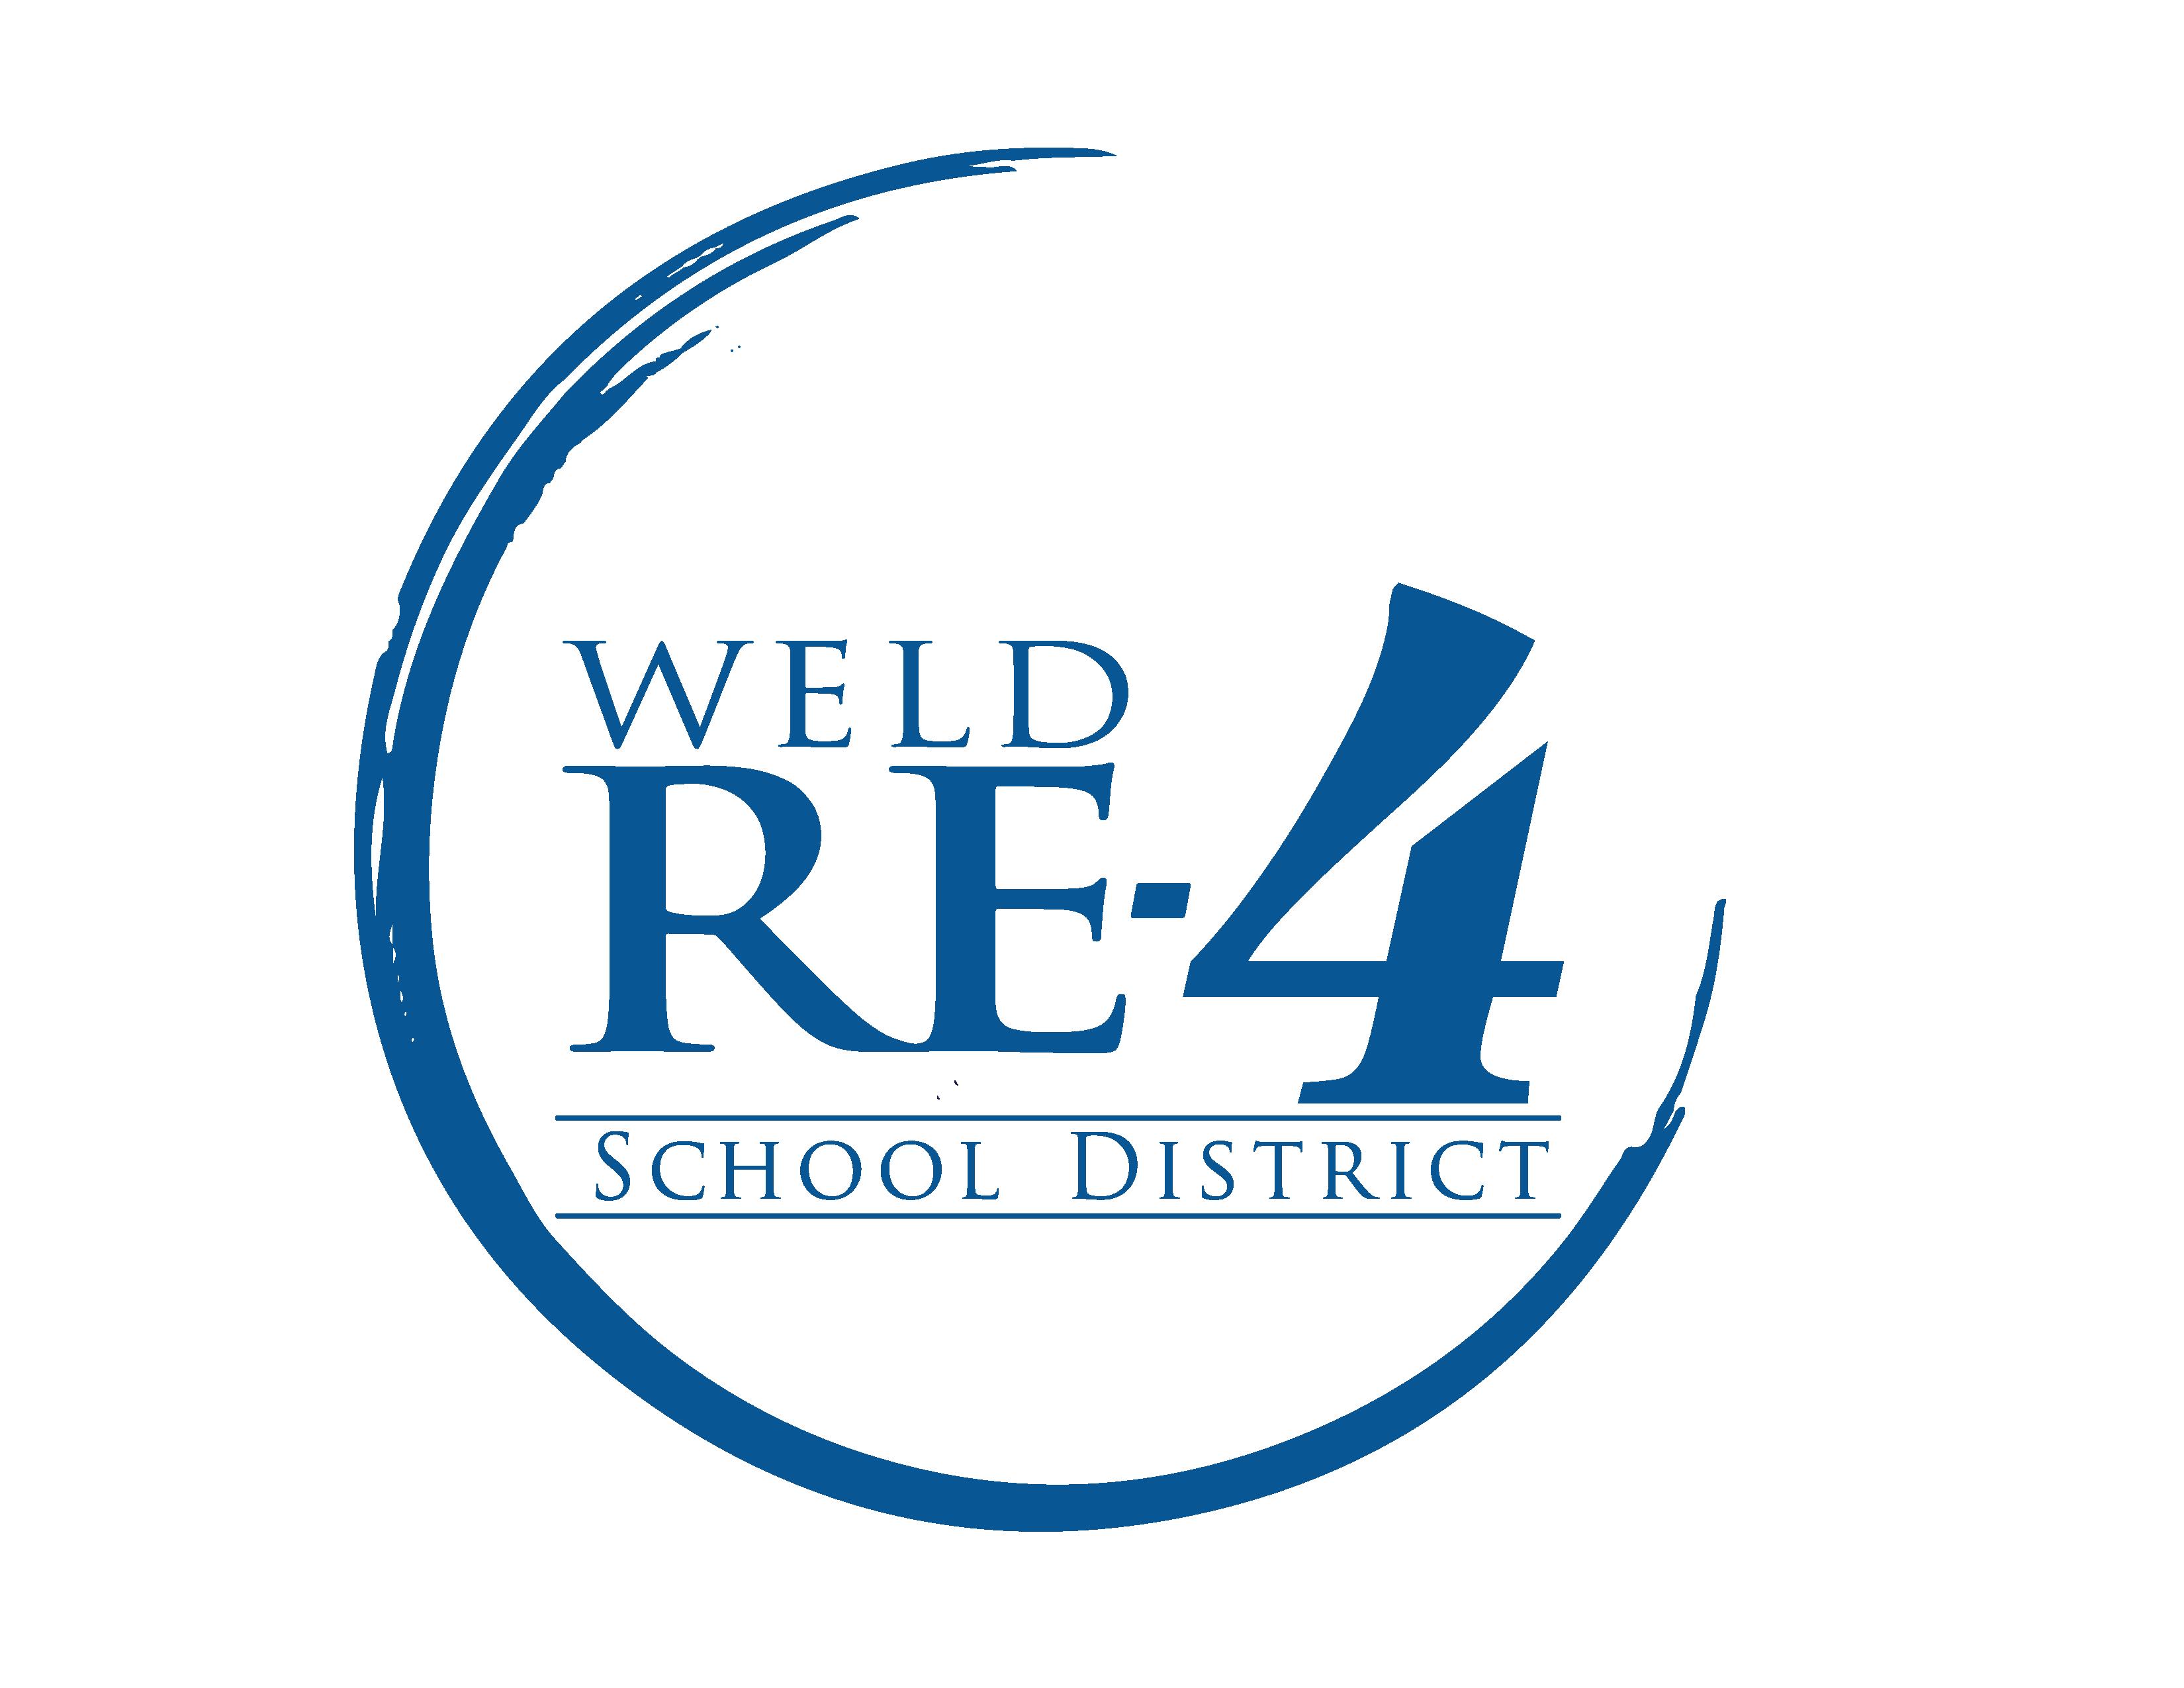 Welding clipart logo. Home weld re school